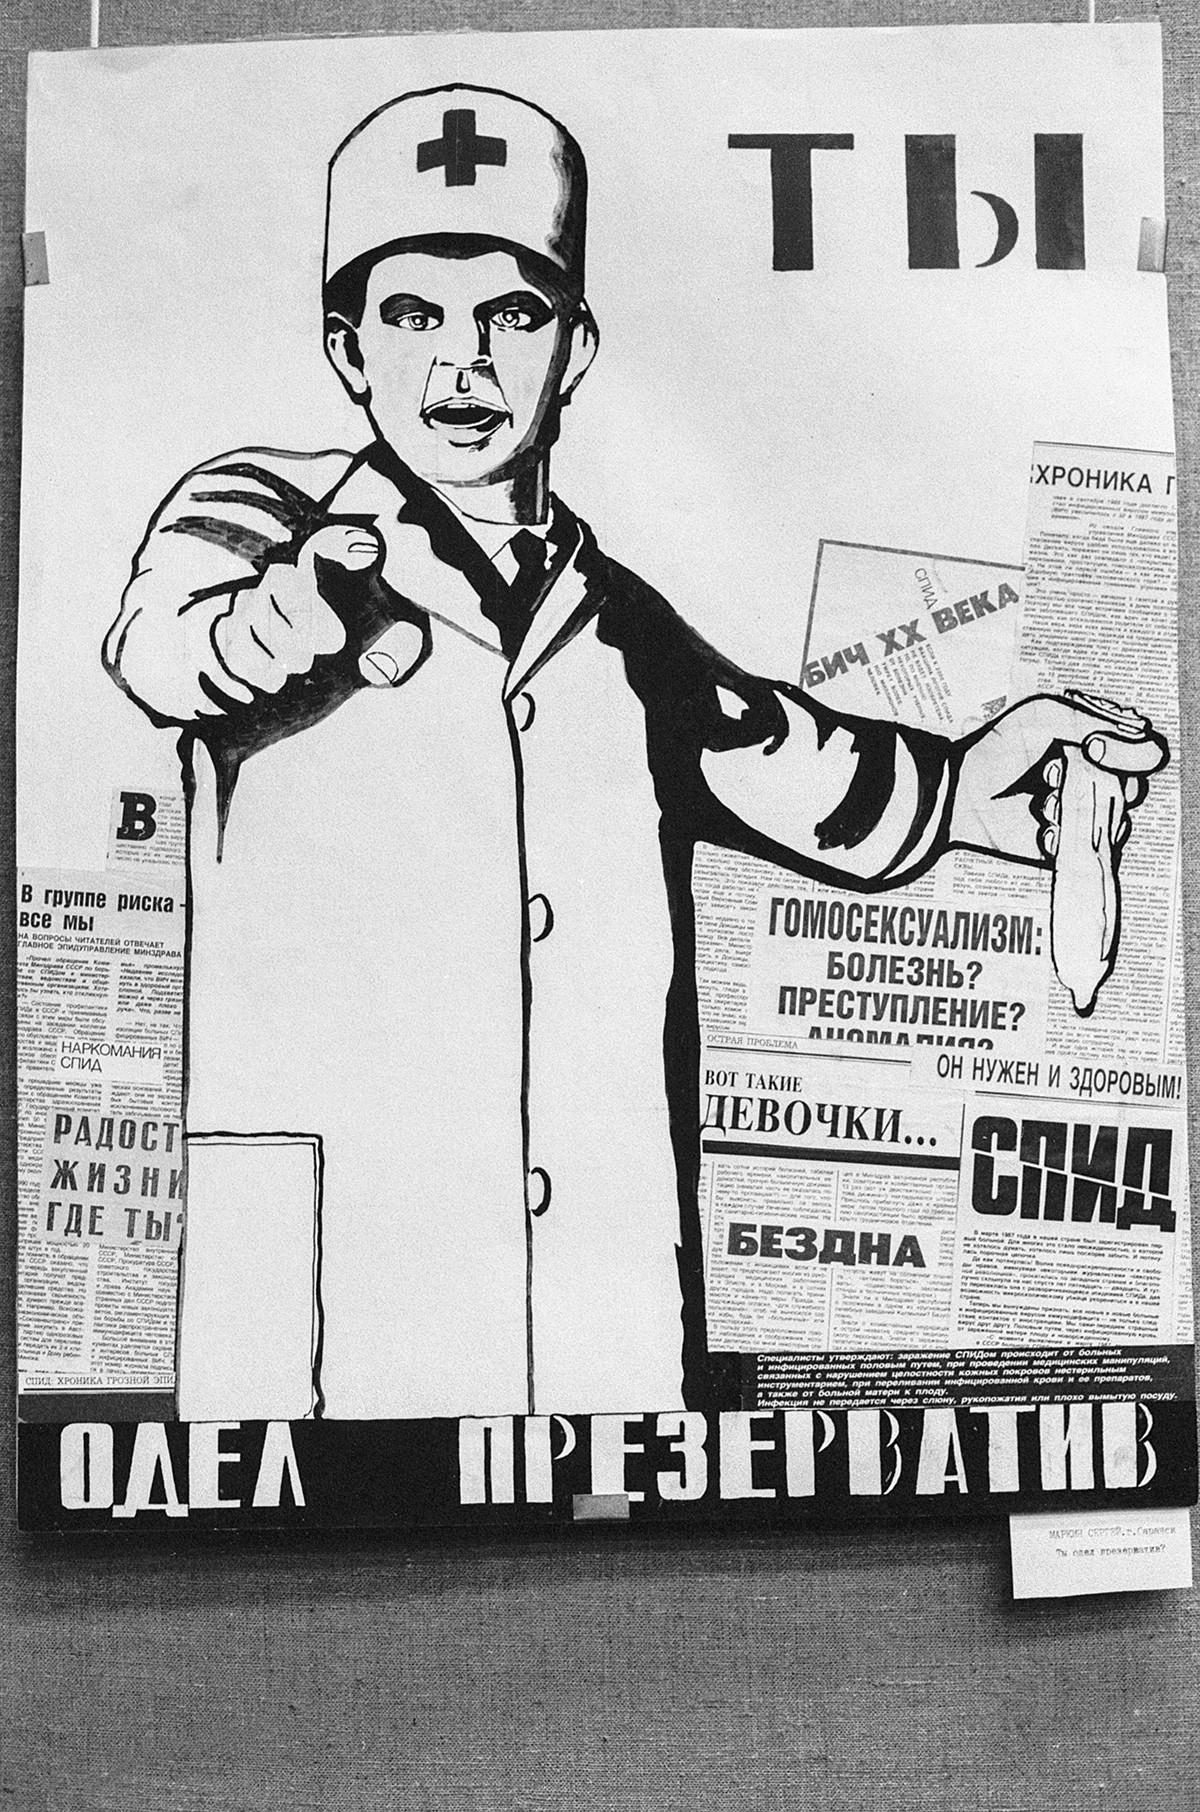 СССР, Москва. 2 фебруар 1991. Плакат уметника С. Маркина на изложби плаката.